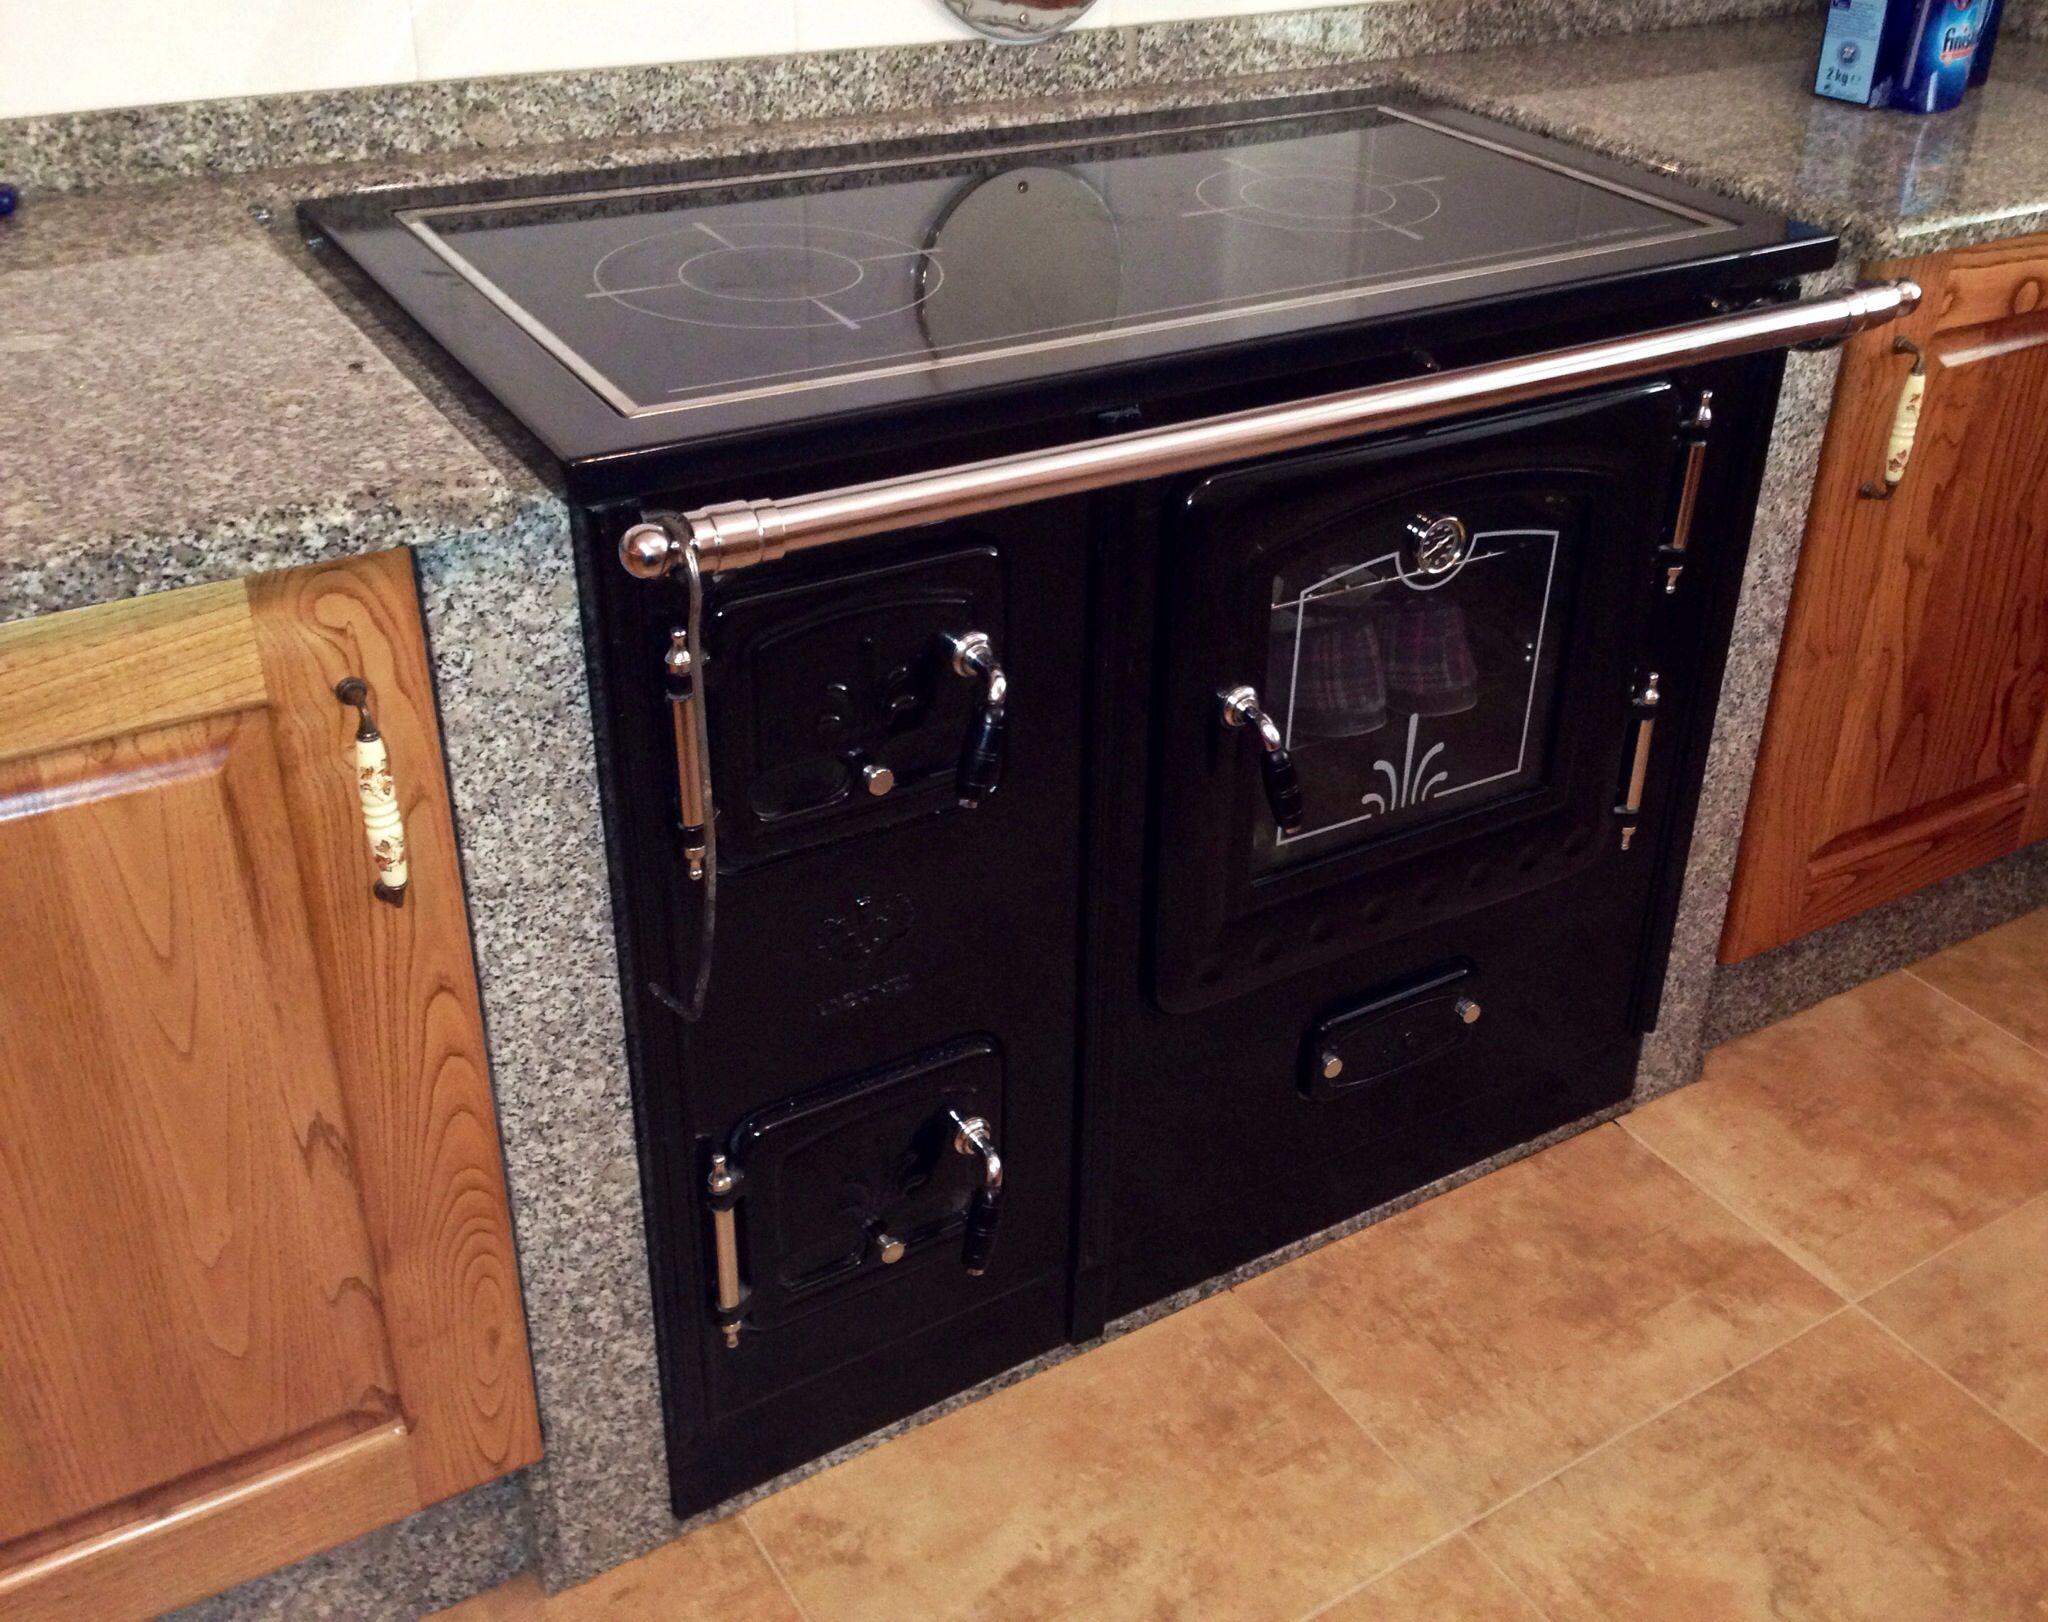 Cocina le a integrada en muebles de cocina decorama eo - Cocinas de lena ...